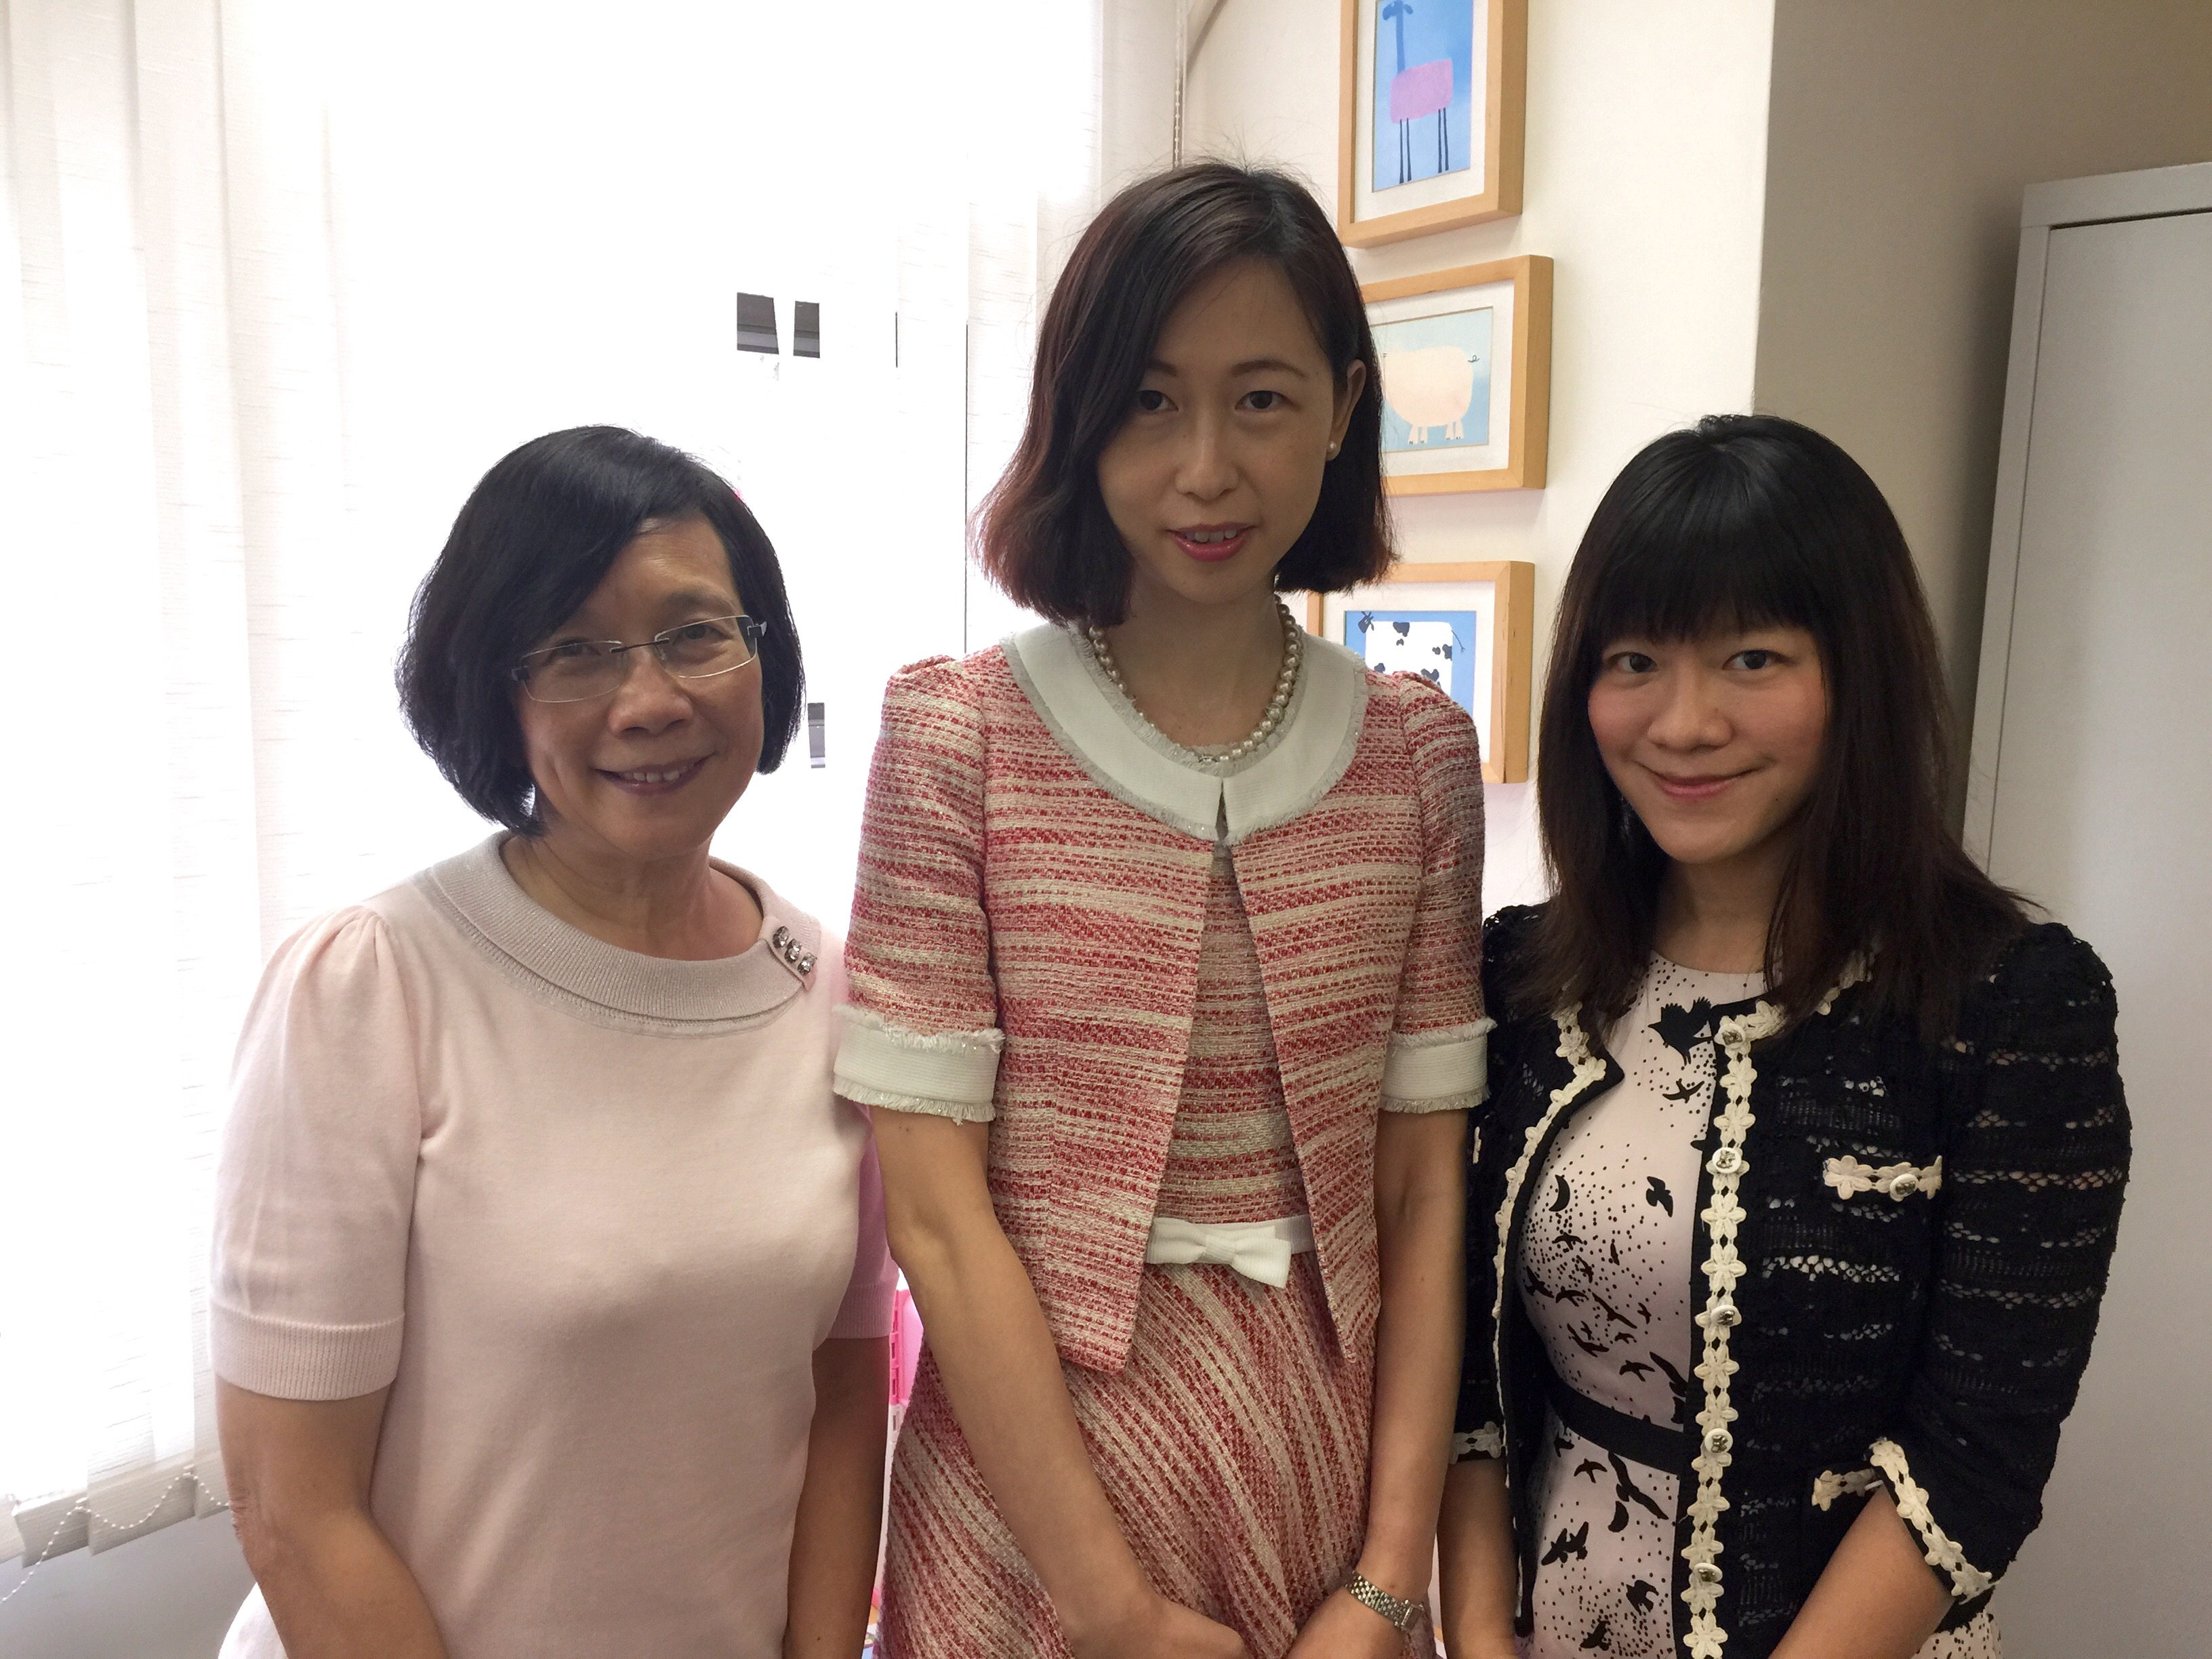 3 個女人.jpg